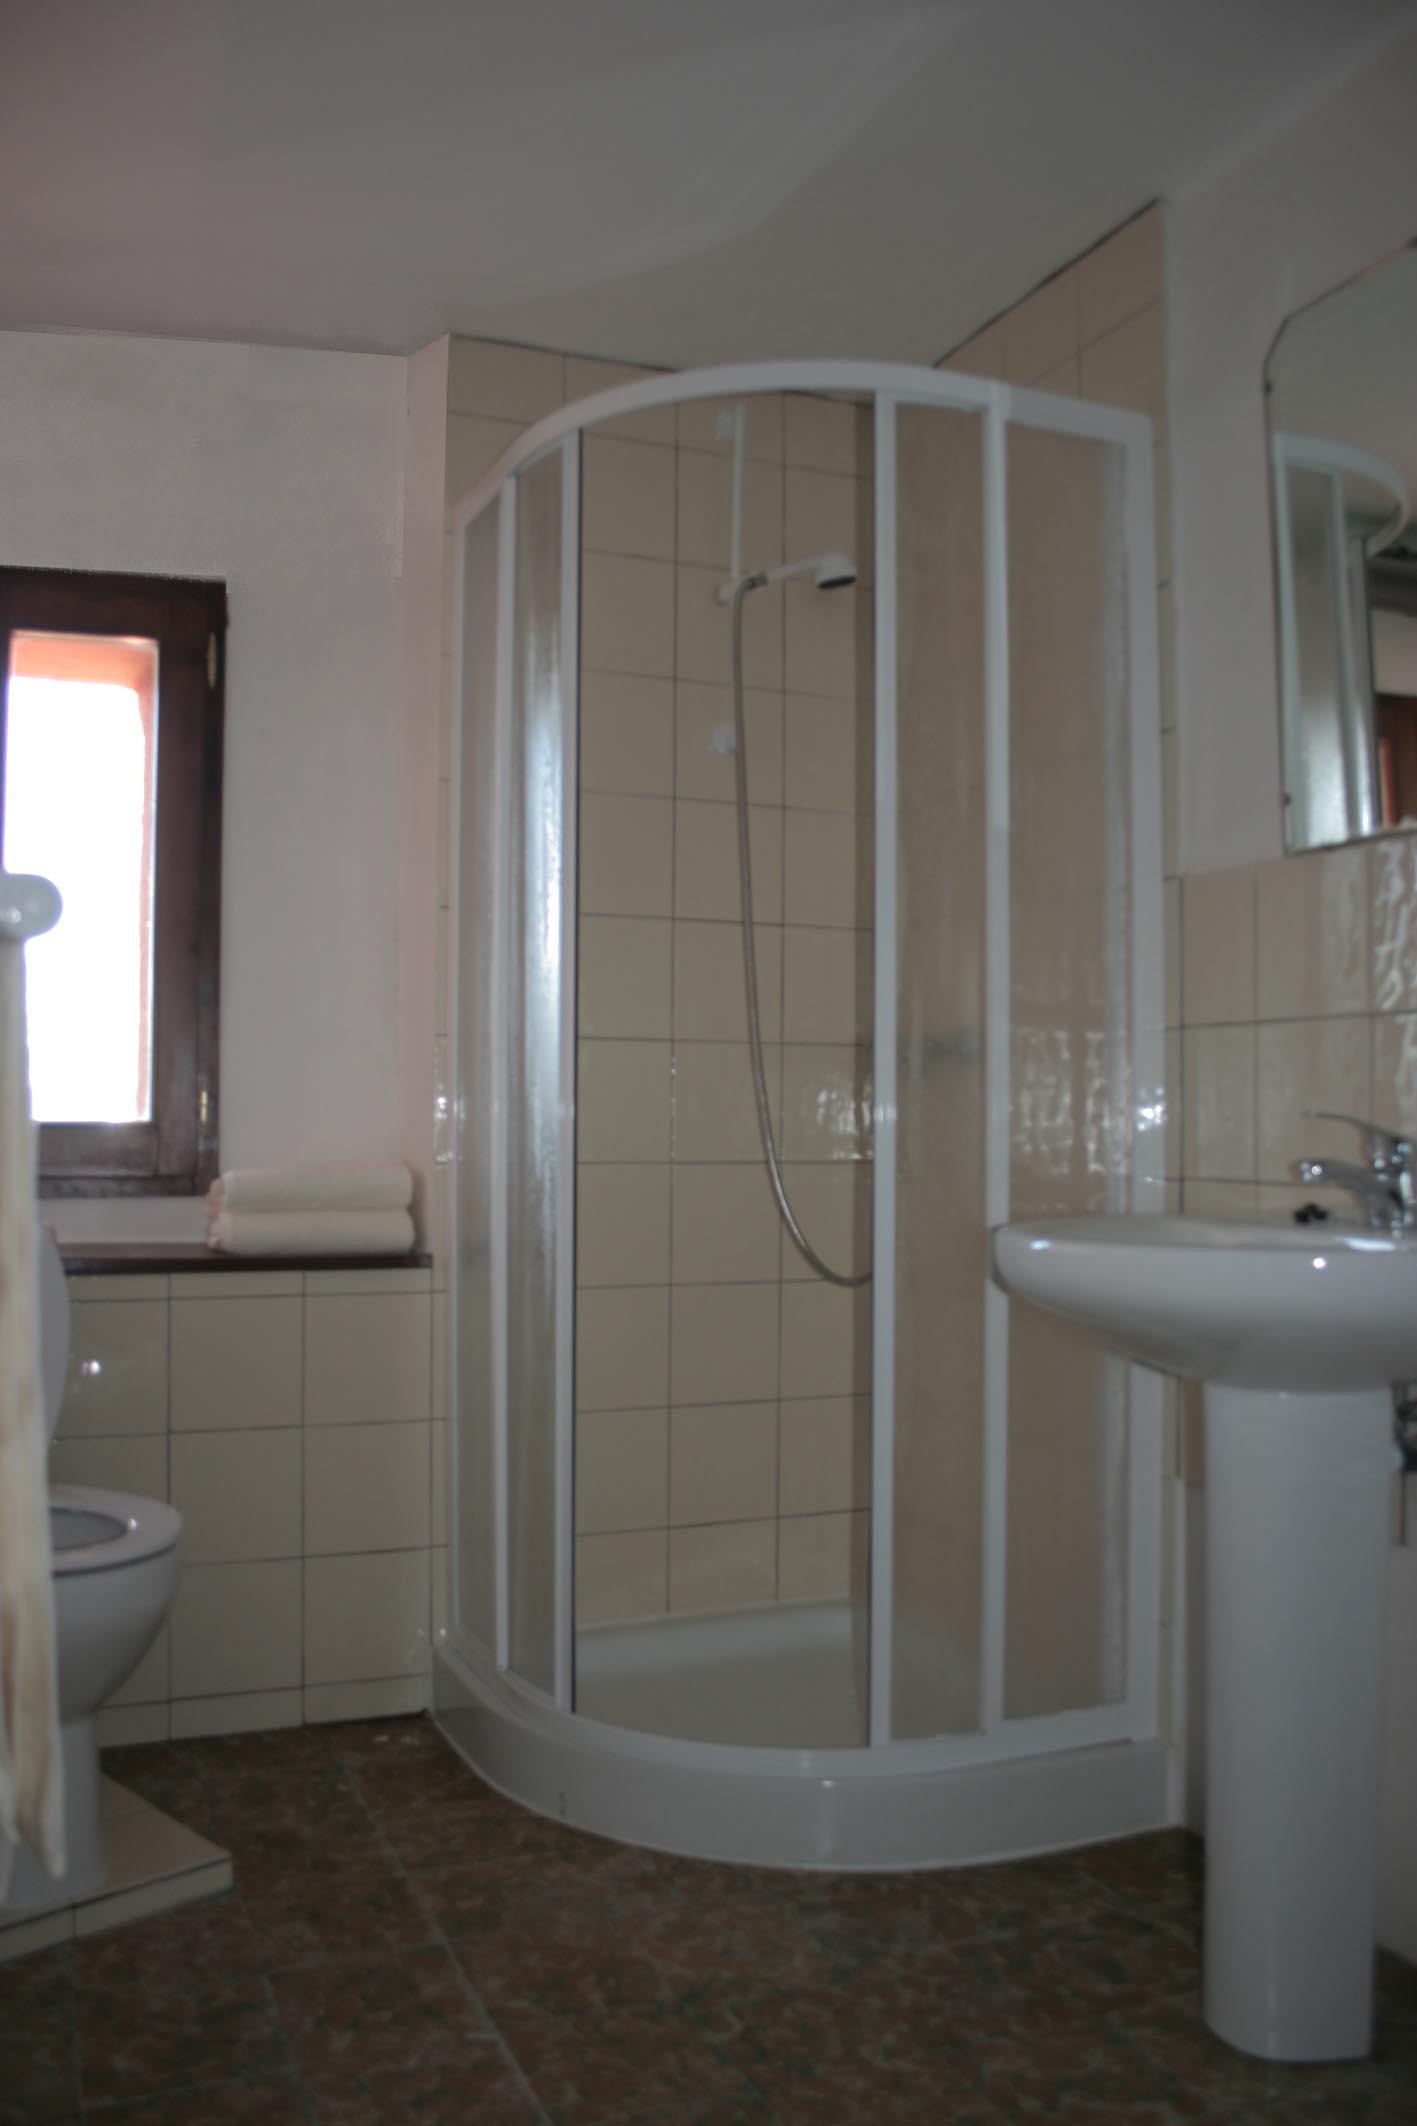 douche dans chambre perfect douche dans chambre duamis with douche dans chambre gallery of. Black Bedroom Furniture Sets. Home Design Ideas